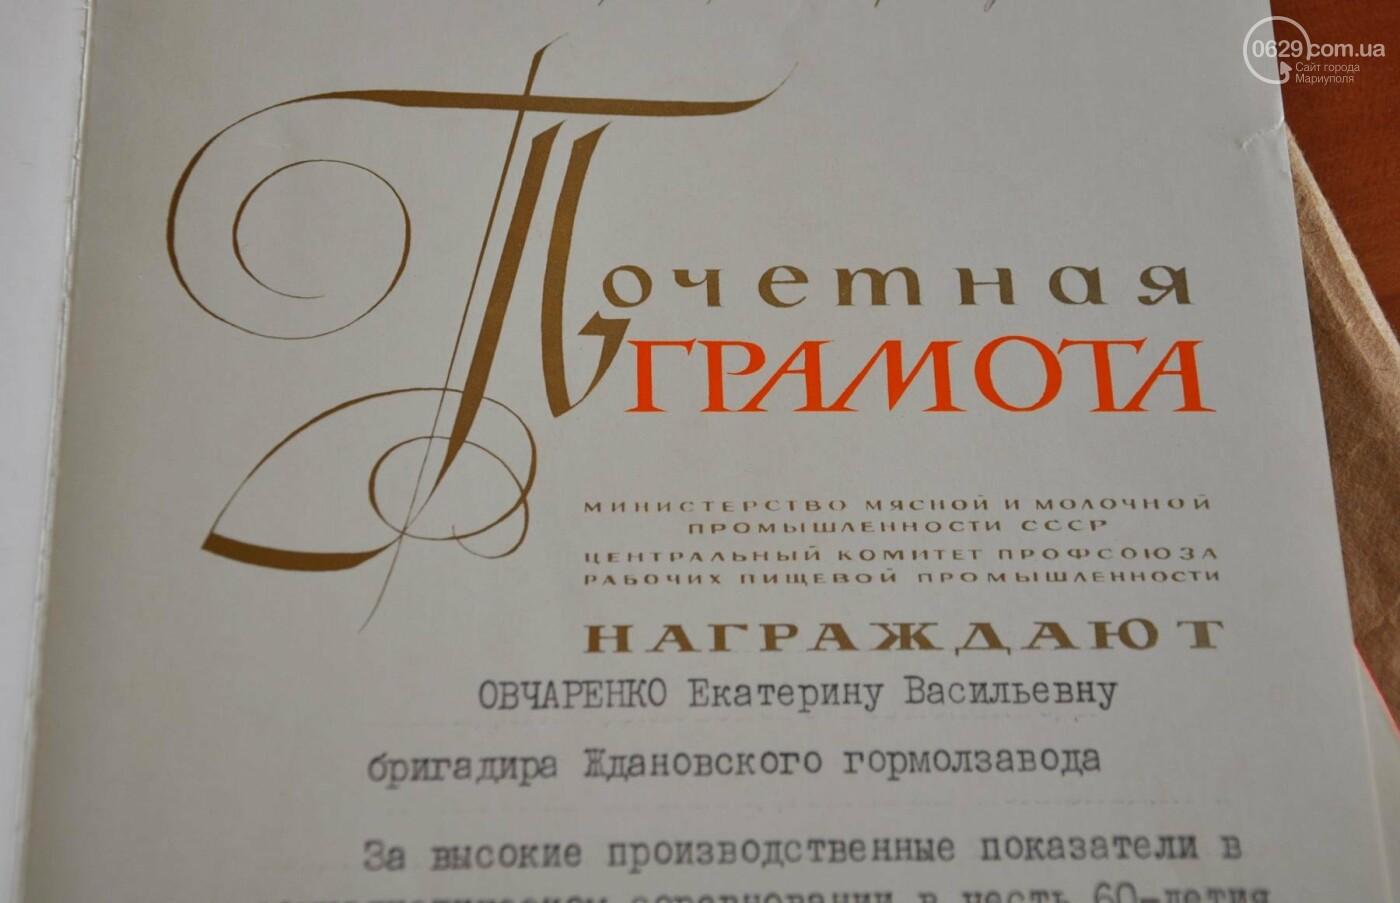 Героя труда Мариупольского молокозавода поздравили с 87-летием, фото-25